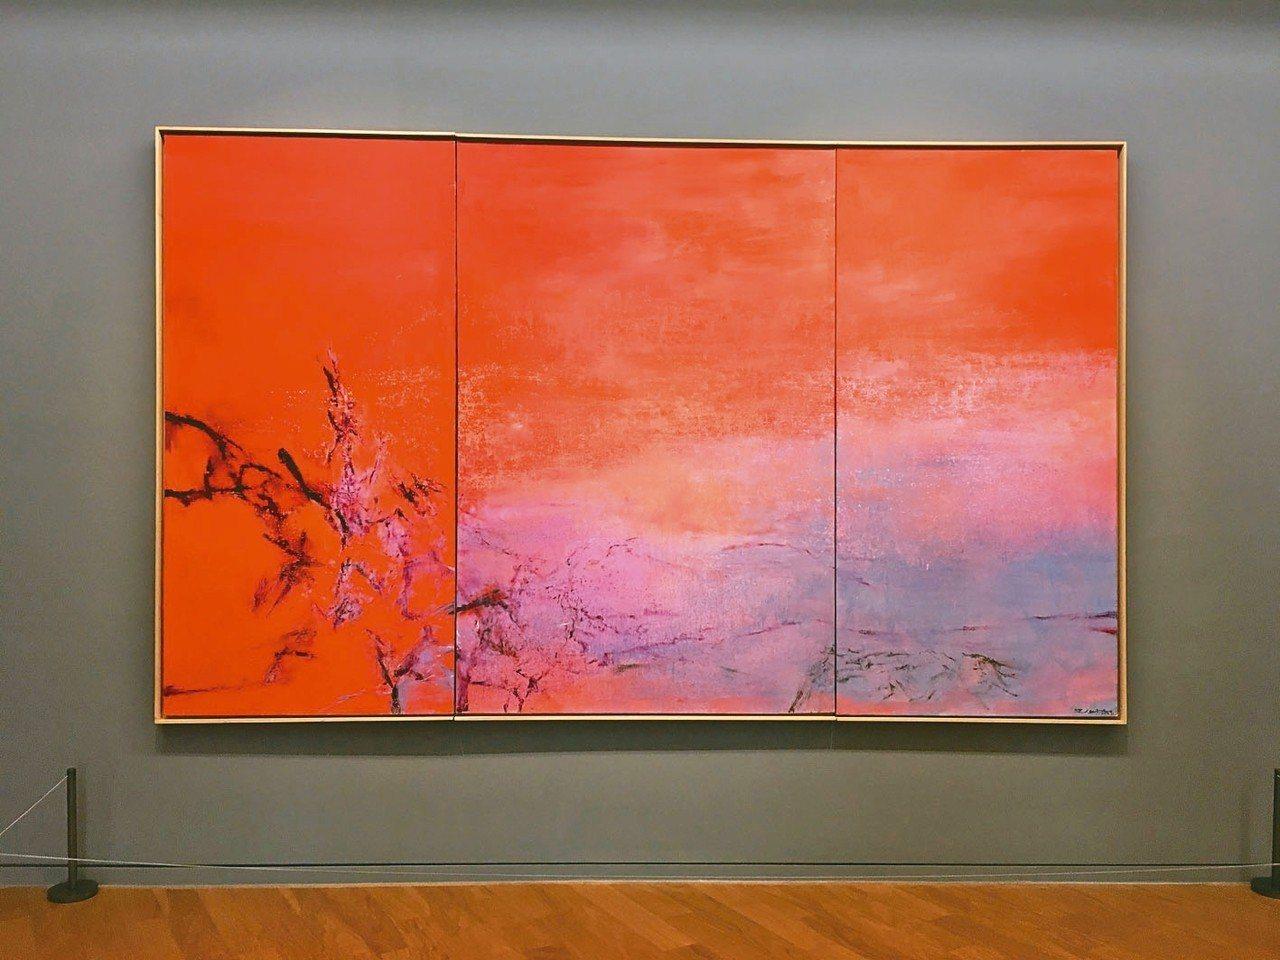 畫家趙無極為第三任妻子法蘭斯瓦絲所畫的《向法蘭斯瓦絲致敬》。 記者何定照/攝影